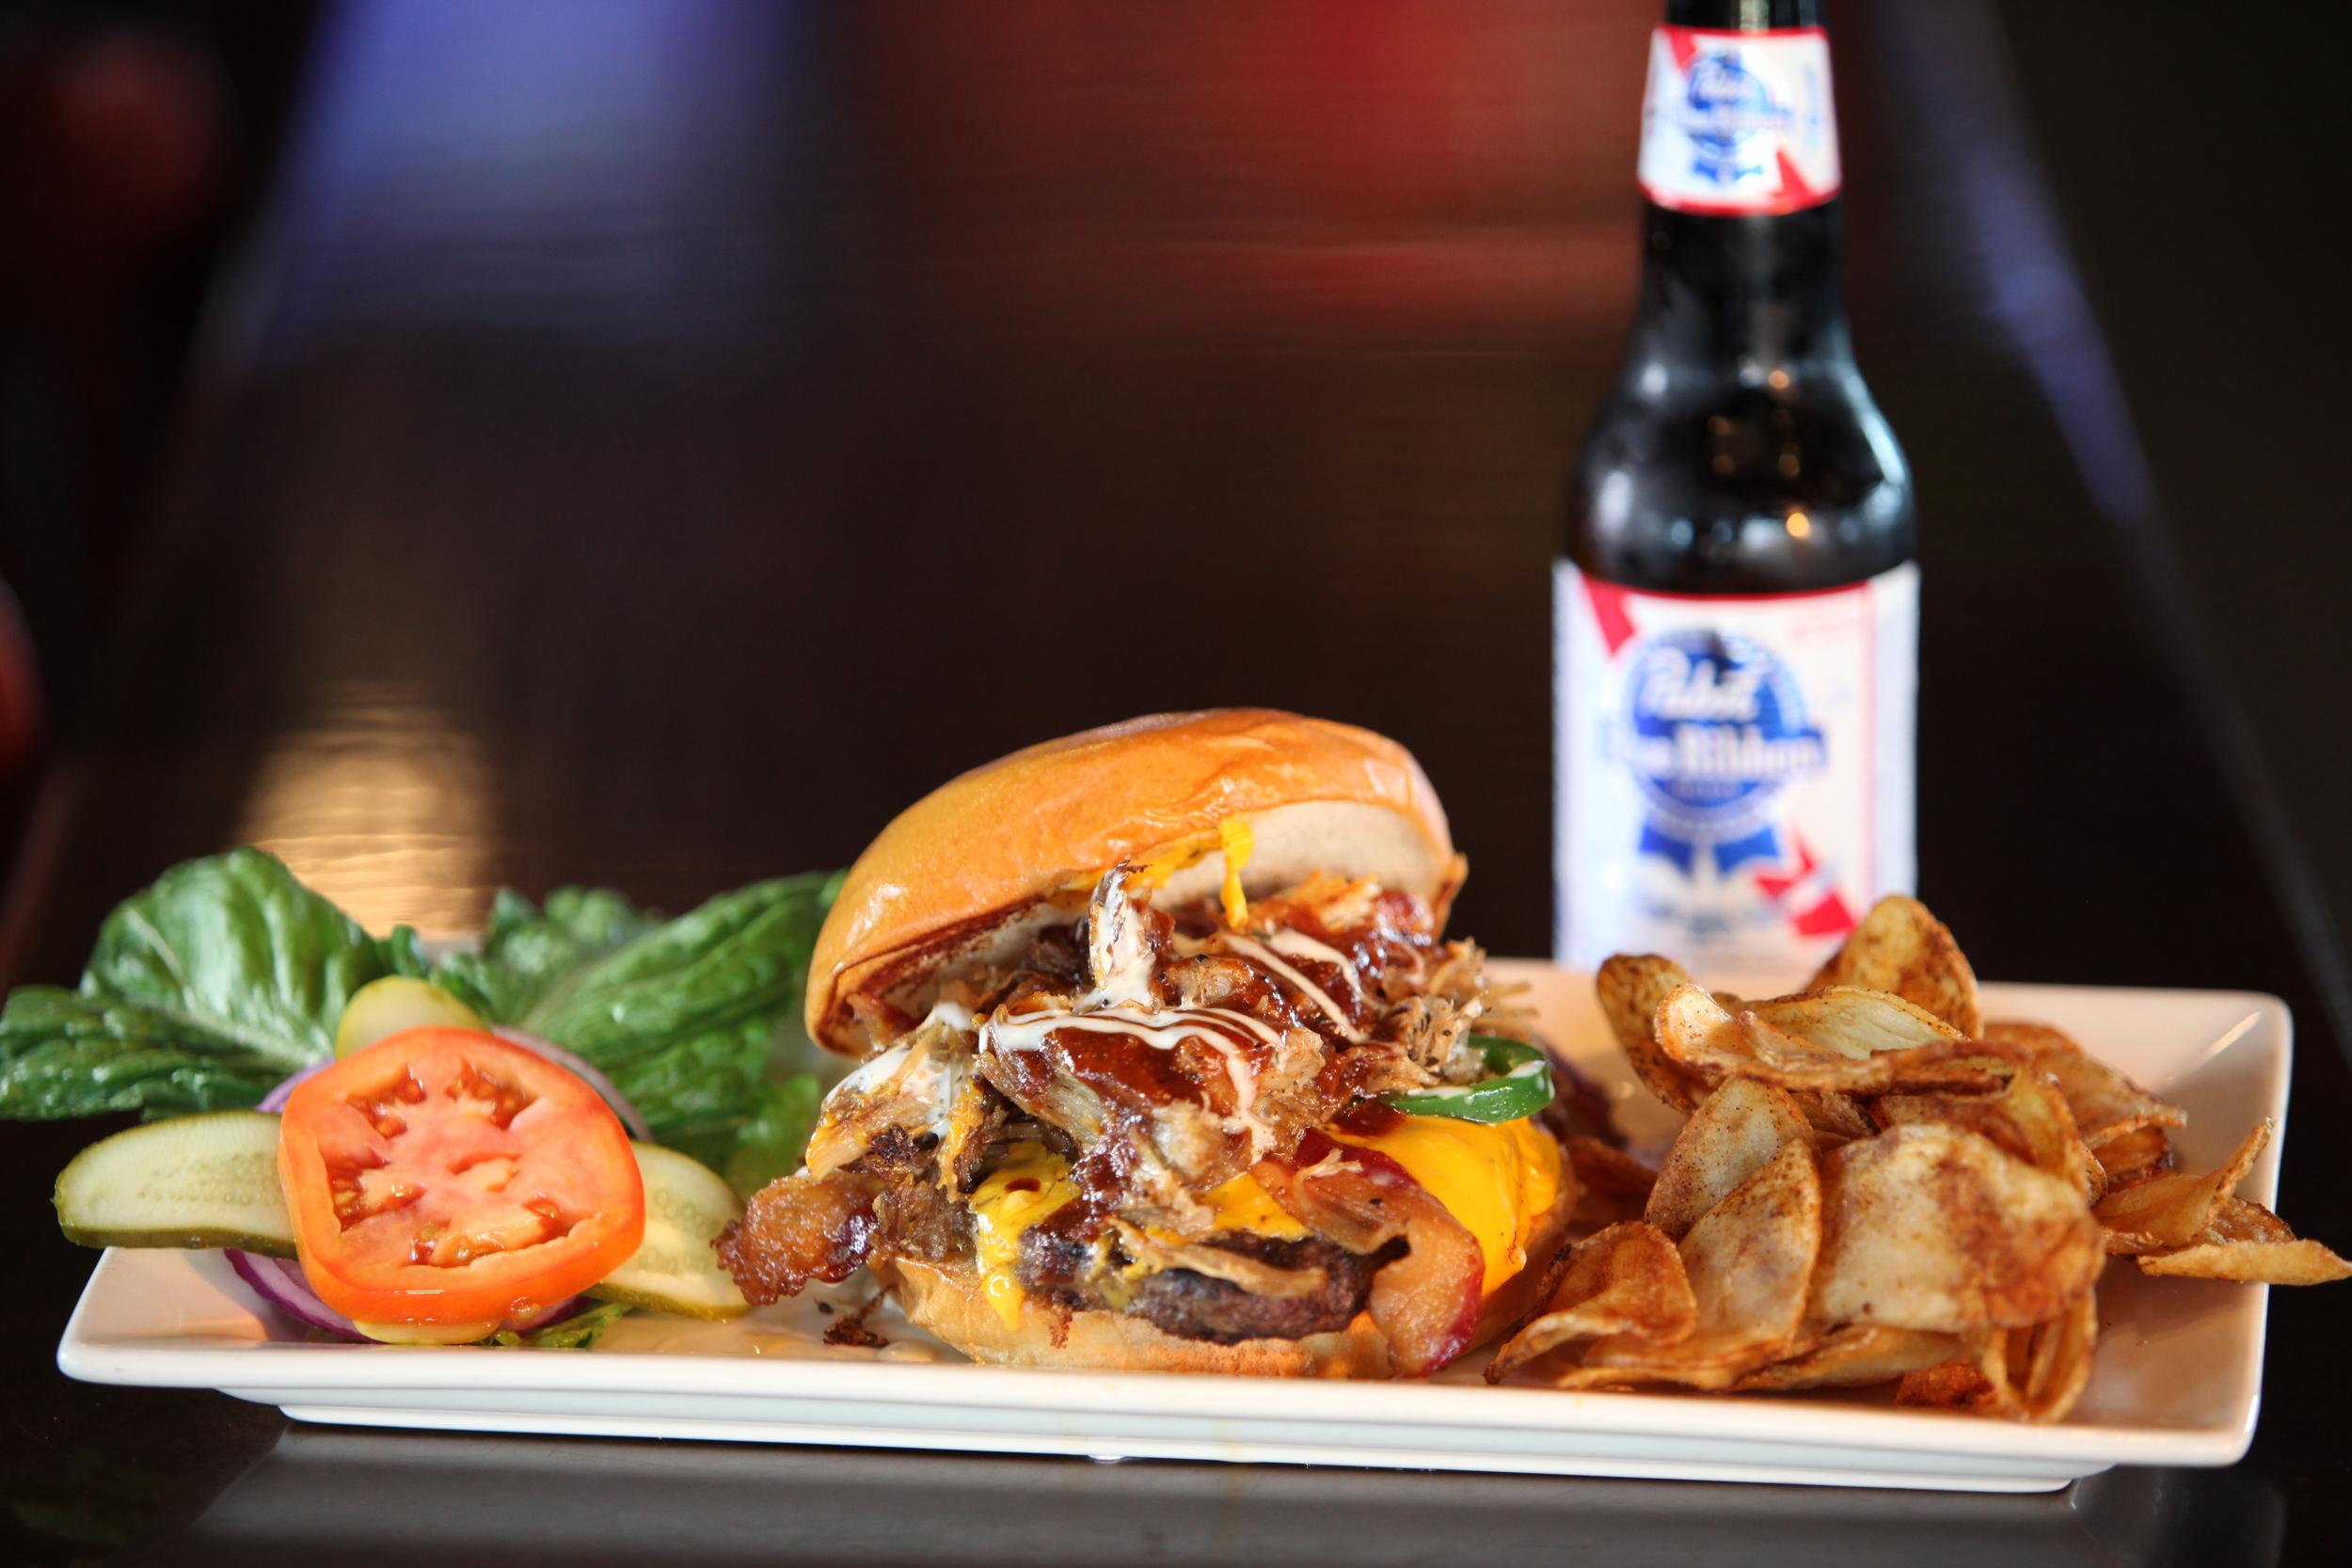 Best Burgers in West Des Moines!